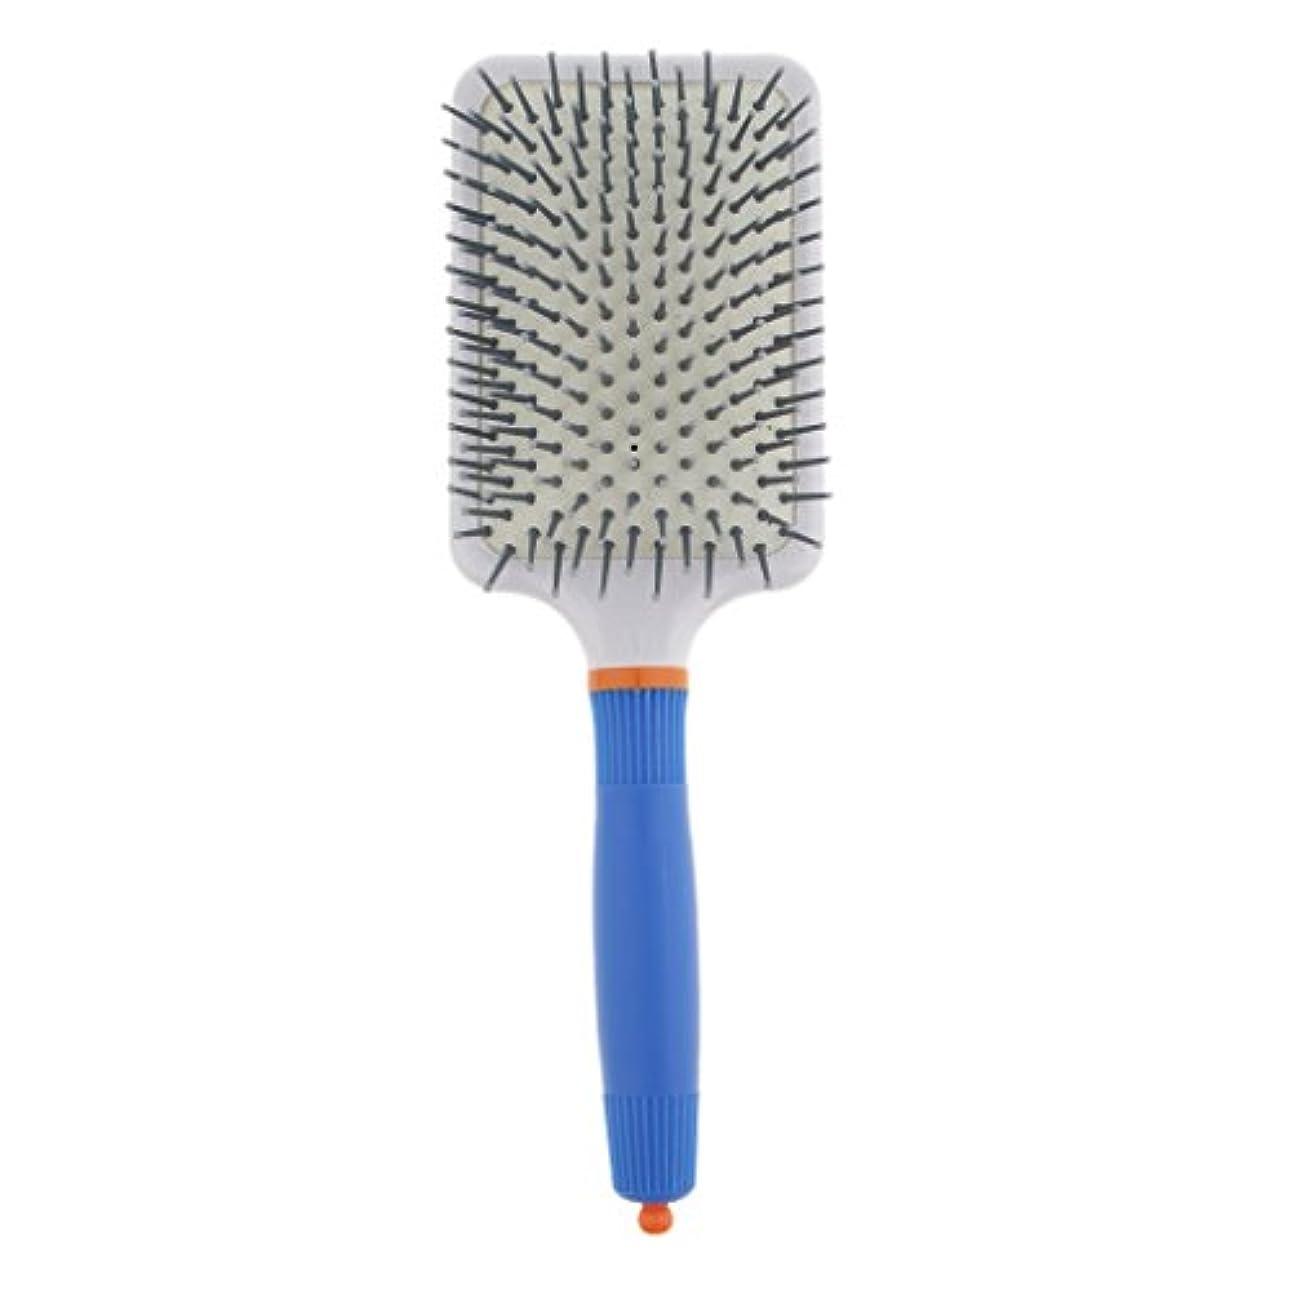 ラブネックレス反発プラスチック製 ブラシ 頭皮マッサージブラシ フラットヘアブラシ 櫛 静電気防止 全2色 - ダークブルー